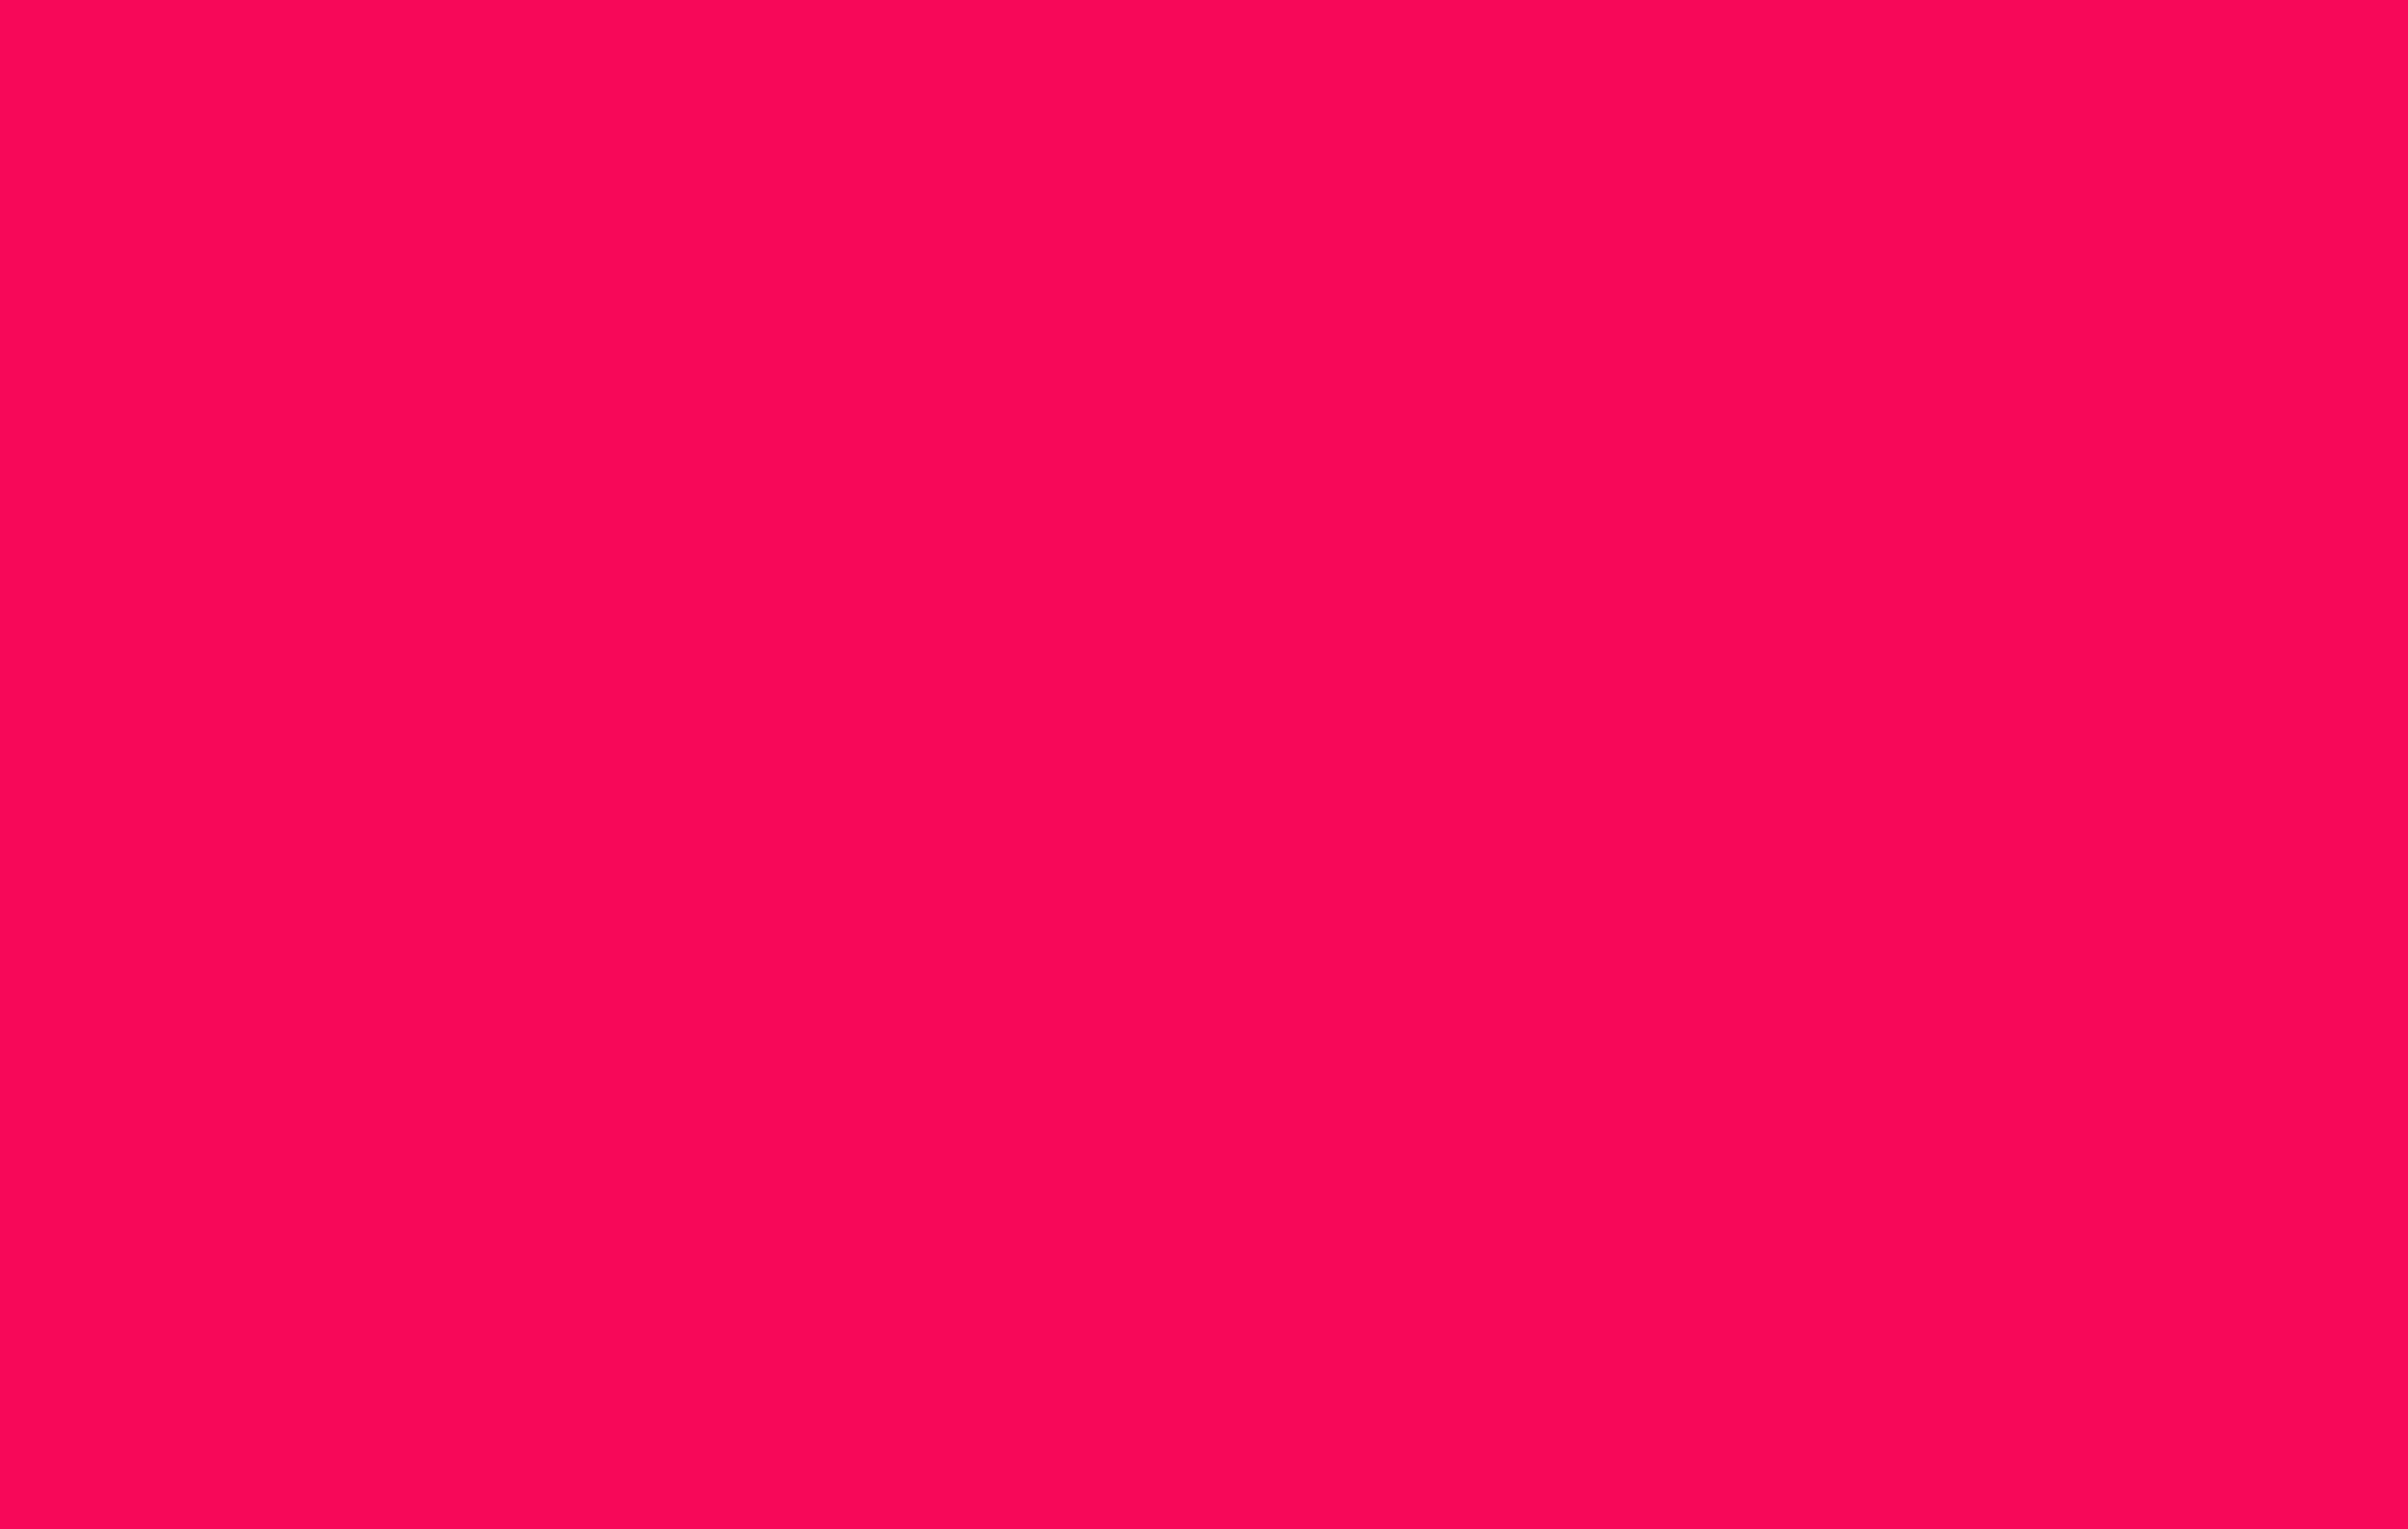 XPLR-MEDIA